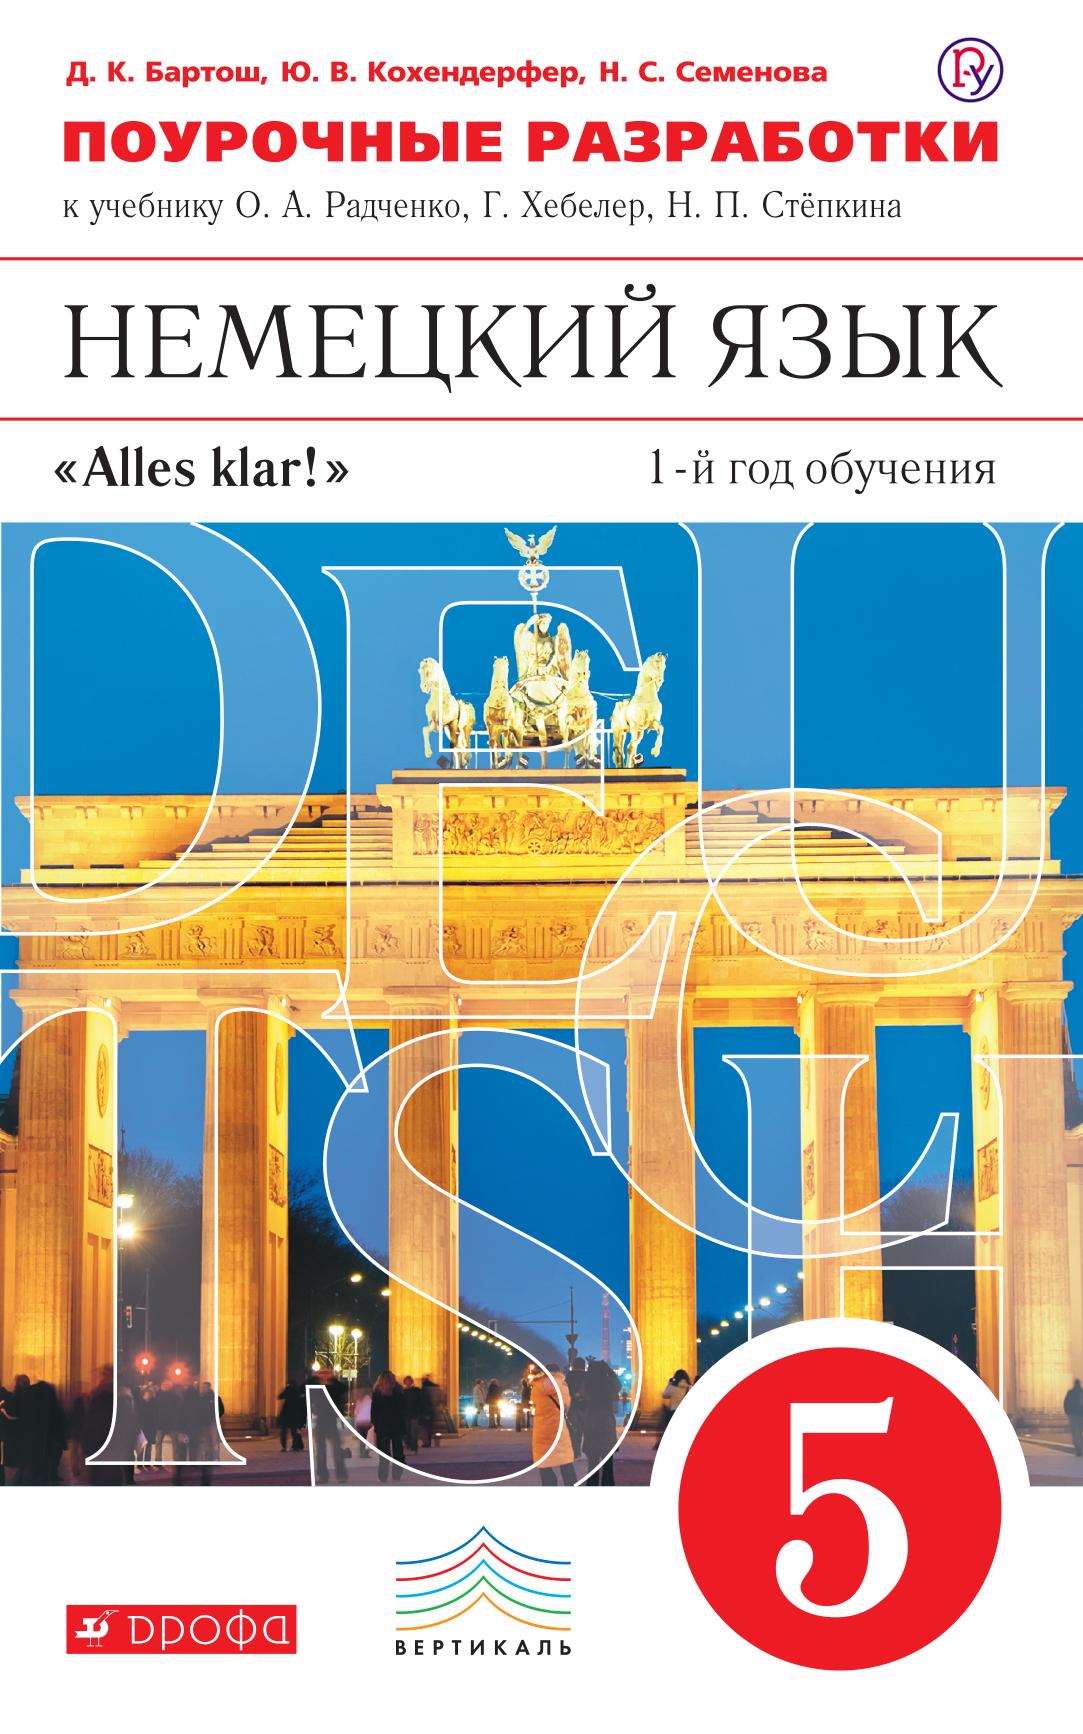 Немецкий язык как второй иностранный. 5 класс. Поурочные разработки